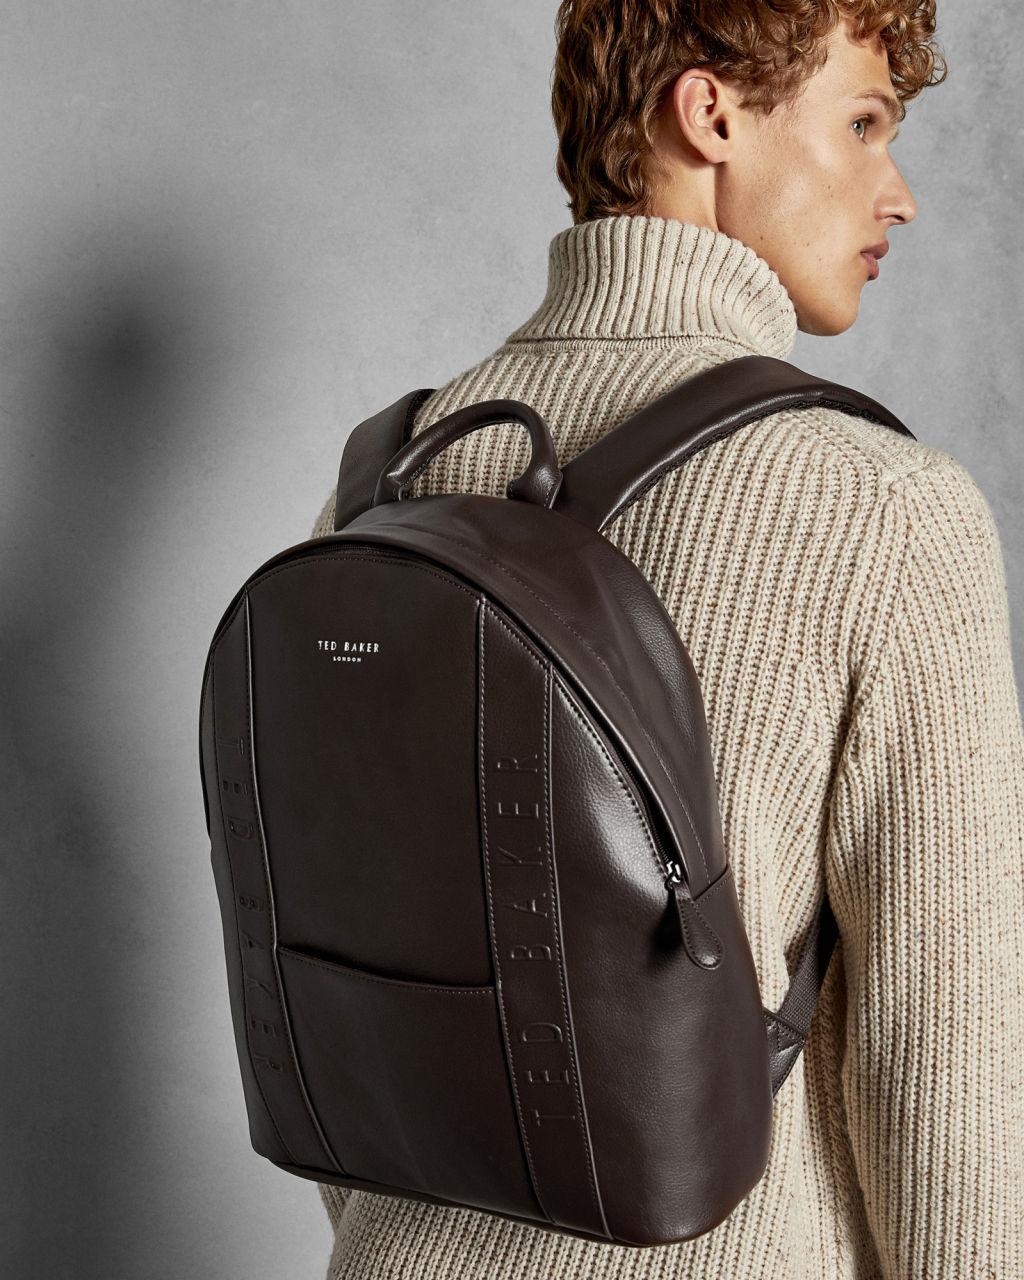 uk%2FMens%2FAccessories%2FBags%2FDOMINOE-Debossed-backpack-Chocolate%2FXH9M_DOMINOE_XCHOCOLATE_2.jpg.jpg